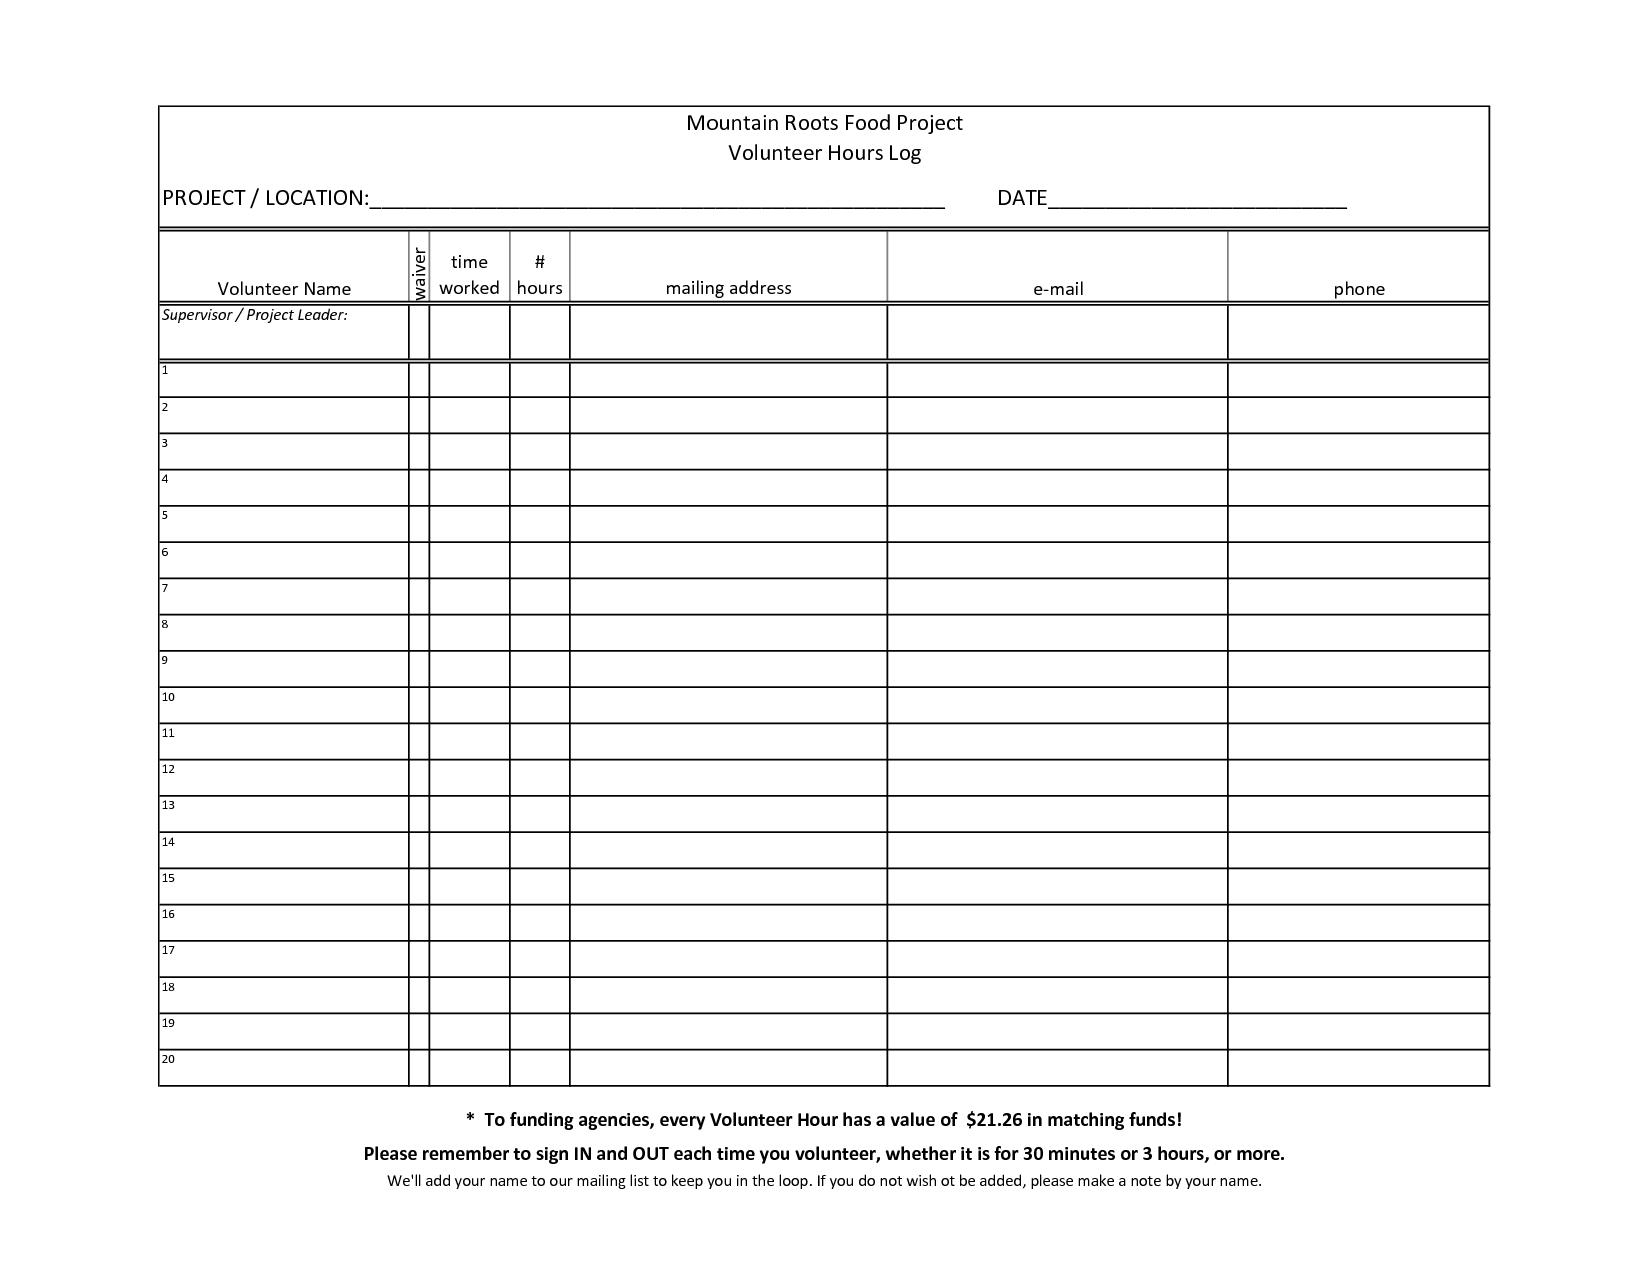 Volunteer+Hours+Log+Sheet+Template   Community Service Hours regarding Volunteer Report Template